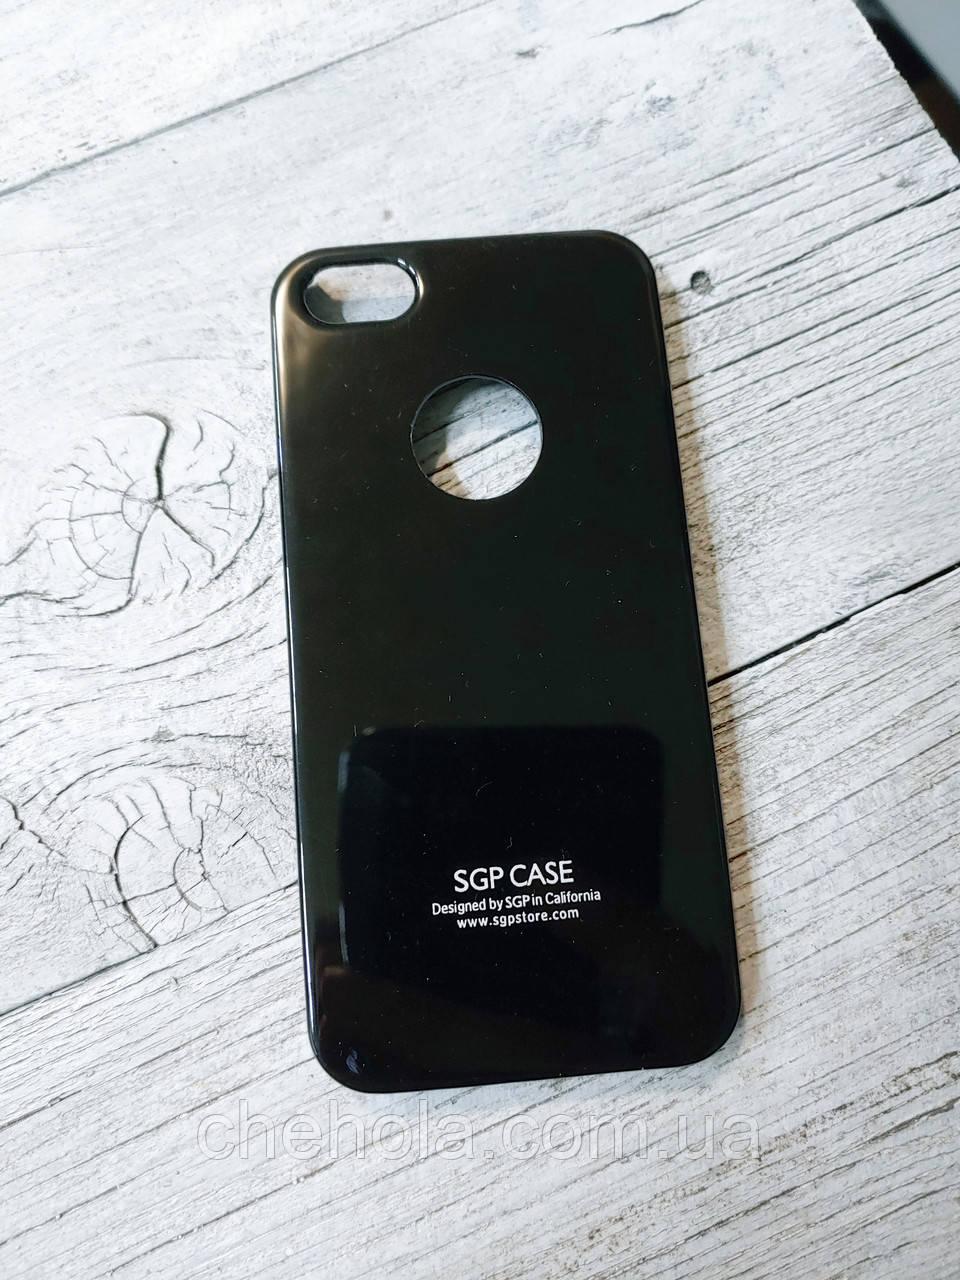 Тонкий Противоударный Чехол Iphone 5 5S SE SGP Spigen